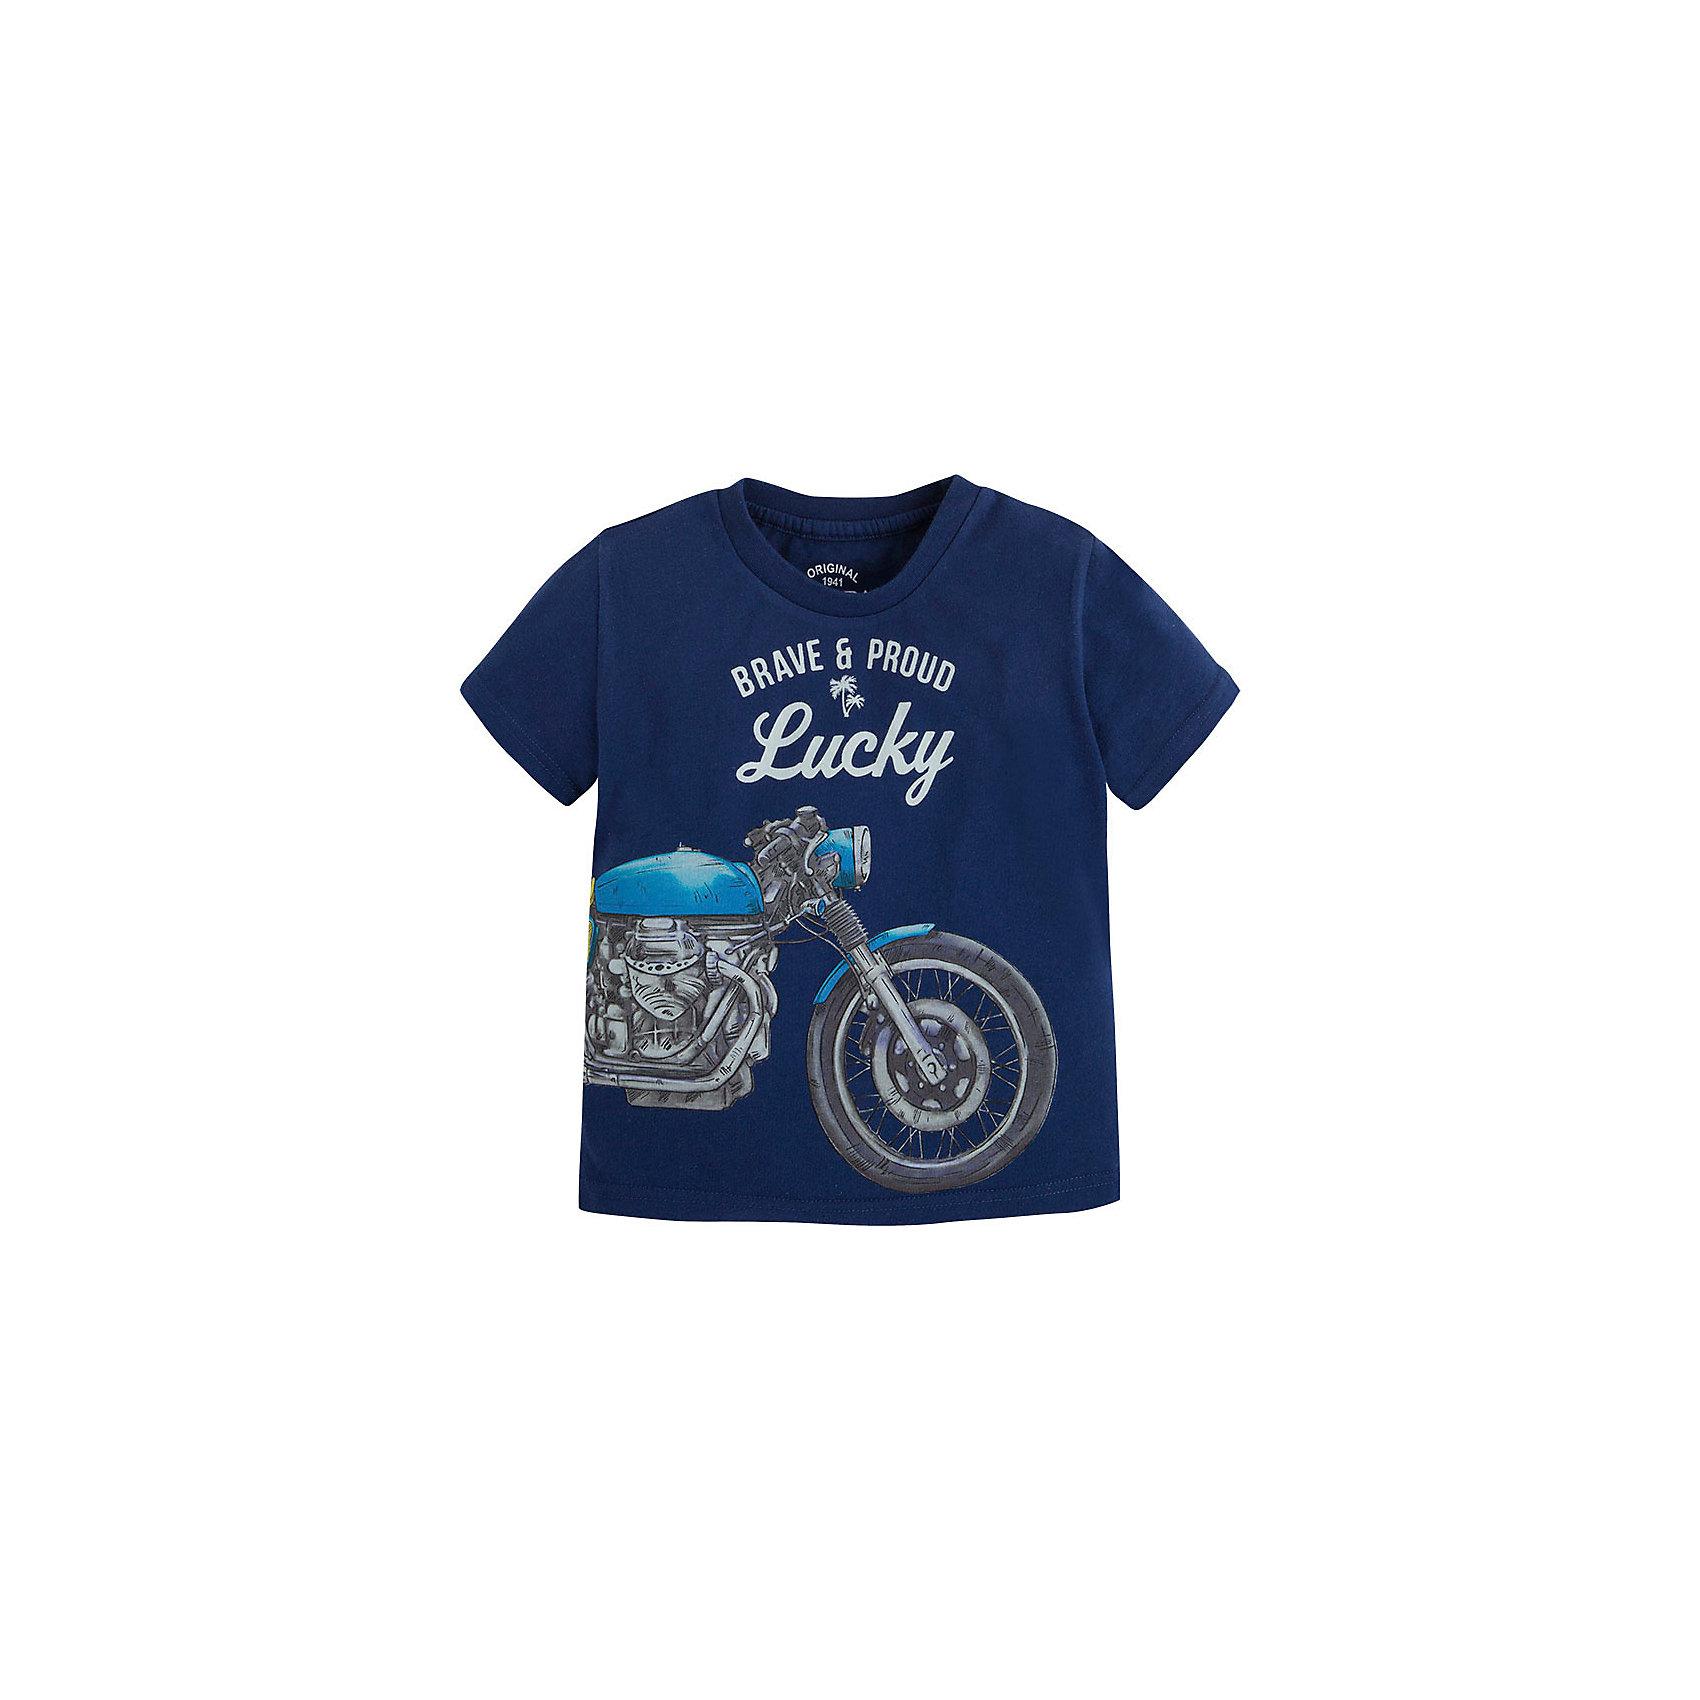 Футболка для мальчика MayoralФутболка для мальчика от известной испанской марки Mayoral <br><br>Хлопковая футболка от Mayoral - отличный вариант одежды на каждый день! Она прекрасно сочетается с джинсами и шортами.  Модель выполнена из качественных материалов, отлично сидит по фигуре.<br><br>Особенности модели:<br><br>- цвет: синий;<br>- рукава короткие;<br>- украшена принтом;<br>- натуральный материал.<br><br>Дополнительная информация:<br><br>Состав: 100% хлопок<br><br>Футболку для мальчика Mayoral (Майорал) можно купить в нашем магазине.<br><br>Ширина мм: 199<br>Глубина мм: 10<br>Высота мм: 161<br>Вес г: 151<br>Цвет: серый<br>Возраст от месяцев: 72<br>Возраст до месяцев: 84<br>Пол: Мужской<br>Возраст: Детский<br>Размер: 122,98,110,134,128,116,104<br>SKU: 4541421